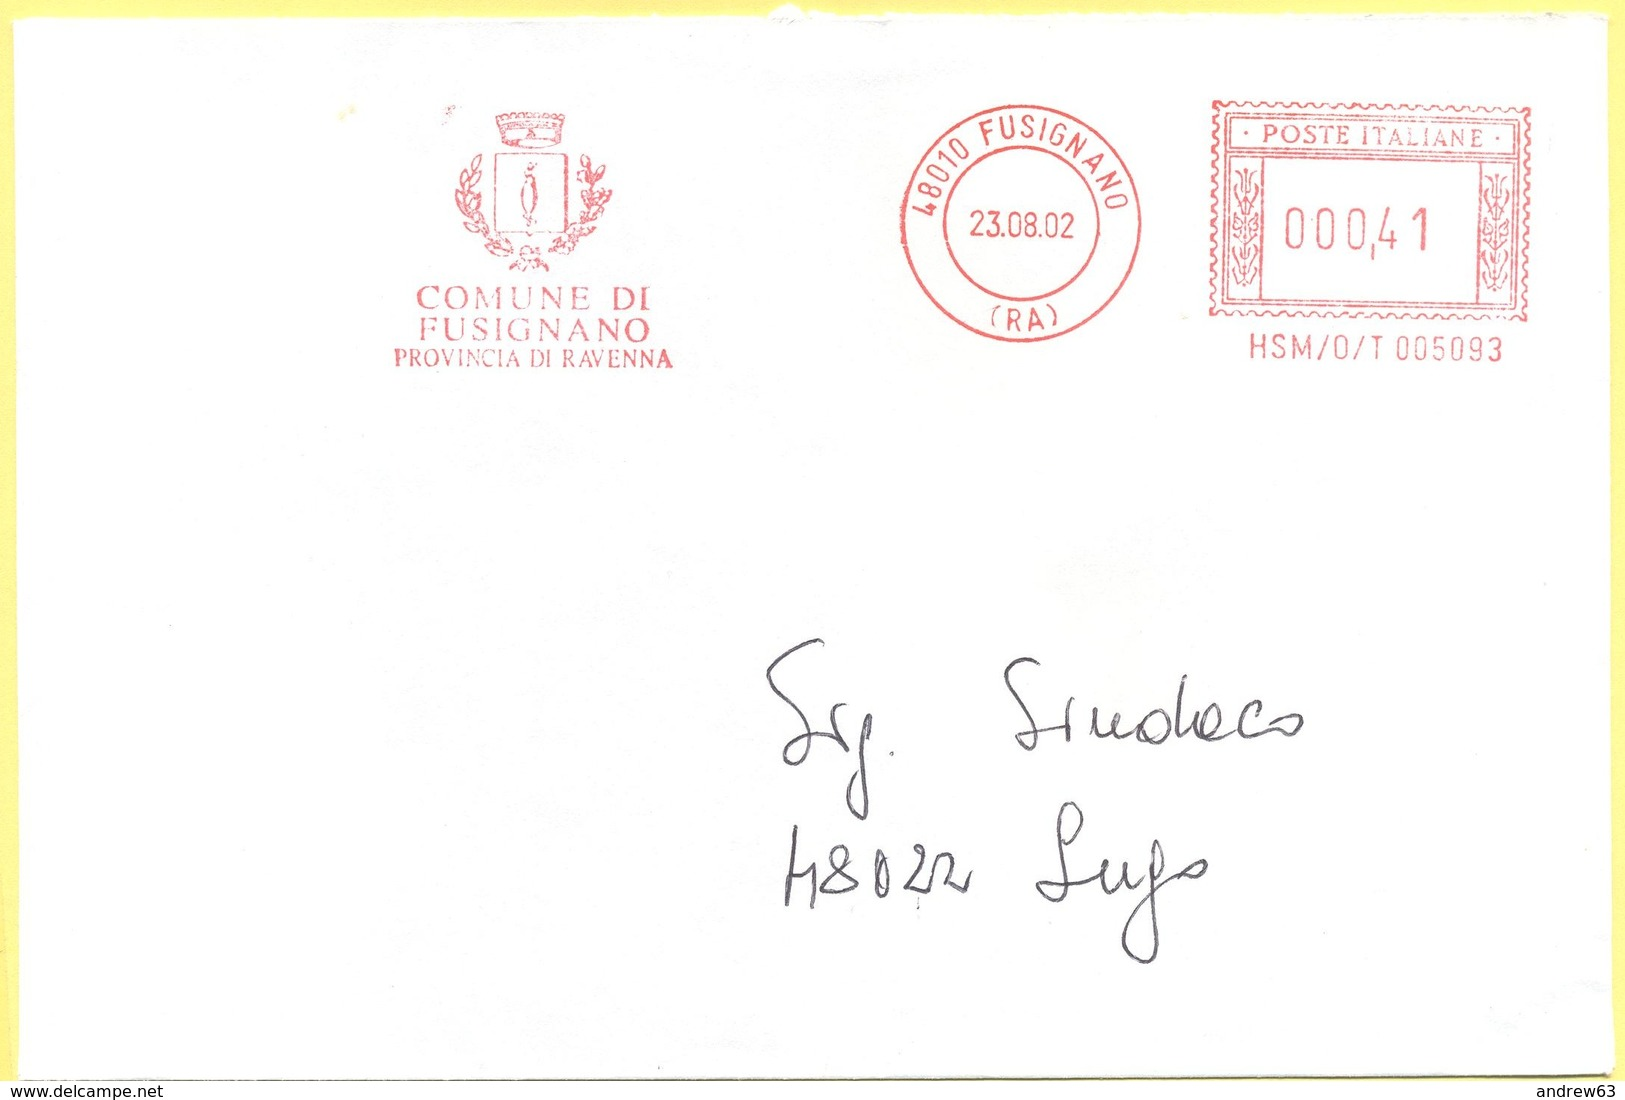 ITALIA - ITALY - ITALIE - 2002 - 0,41 EMA, Red Cancel - Comune Di Fusignano - Viaggiata Da Fusignano Per Lugo - Affrancature Meccaniche Rosse (EMA)